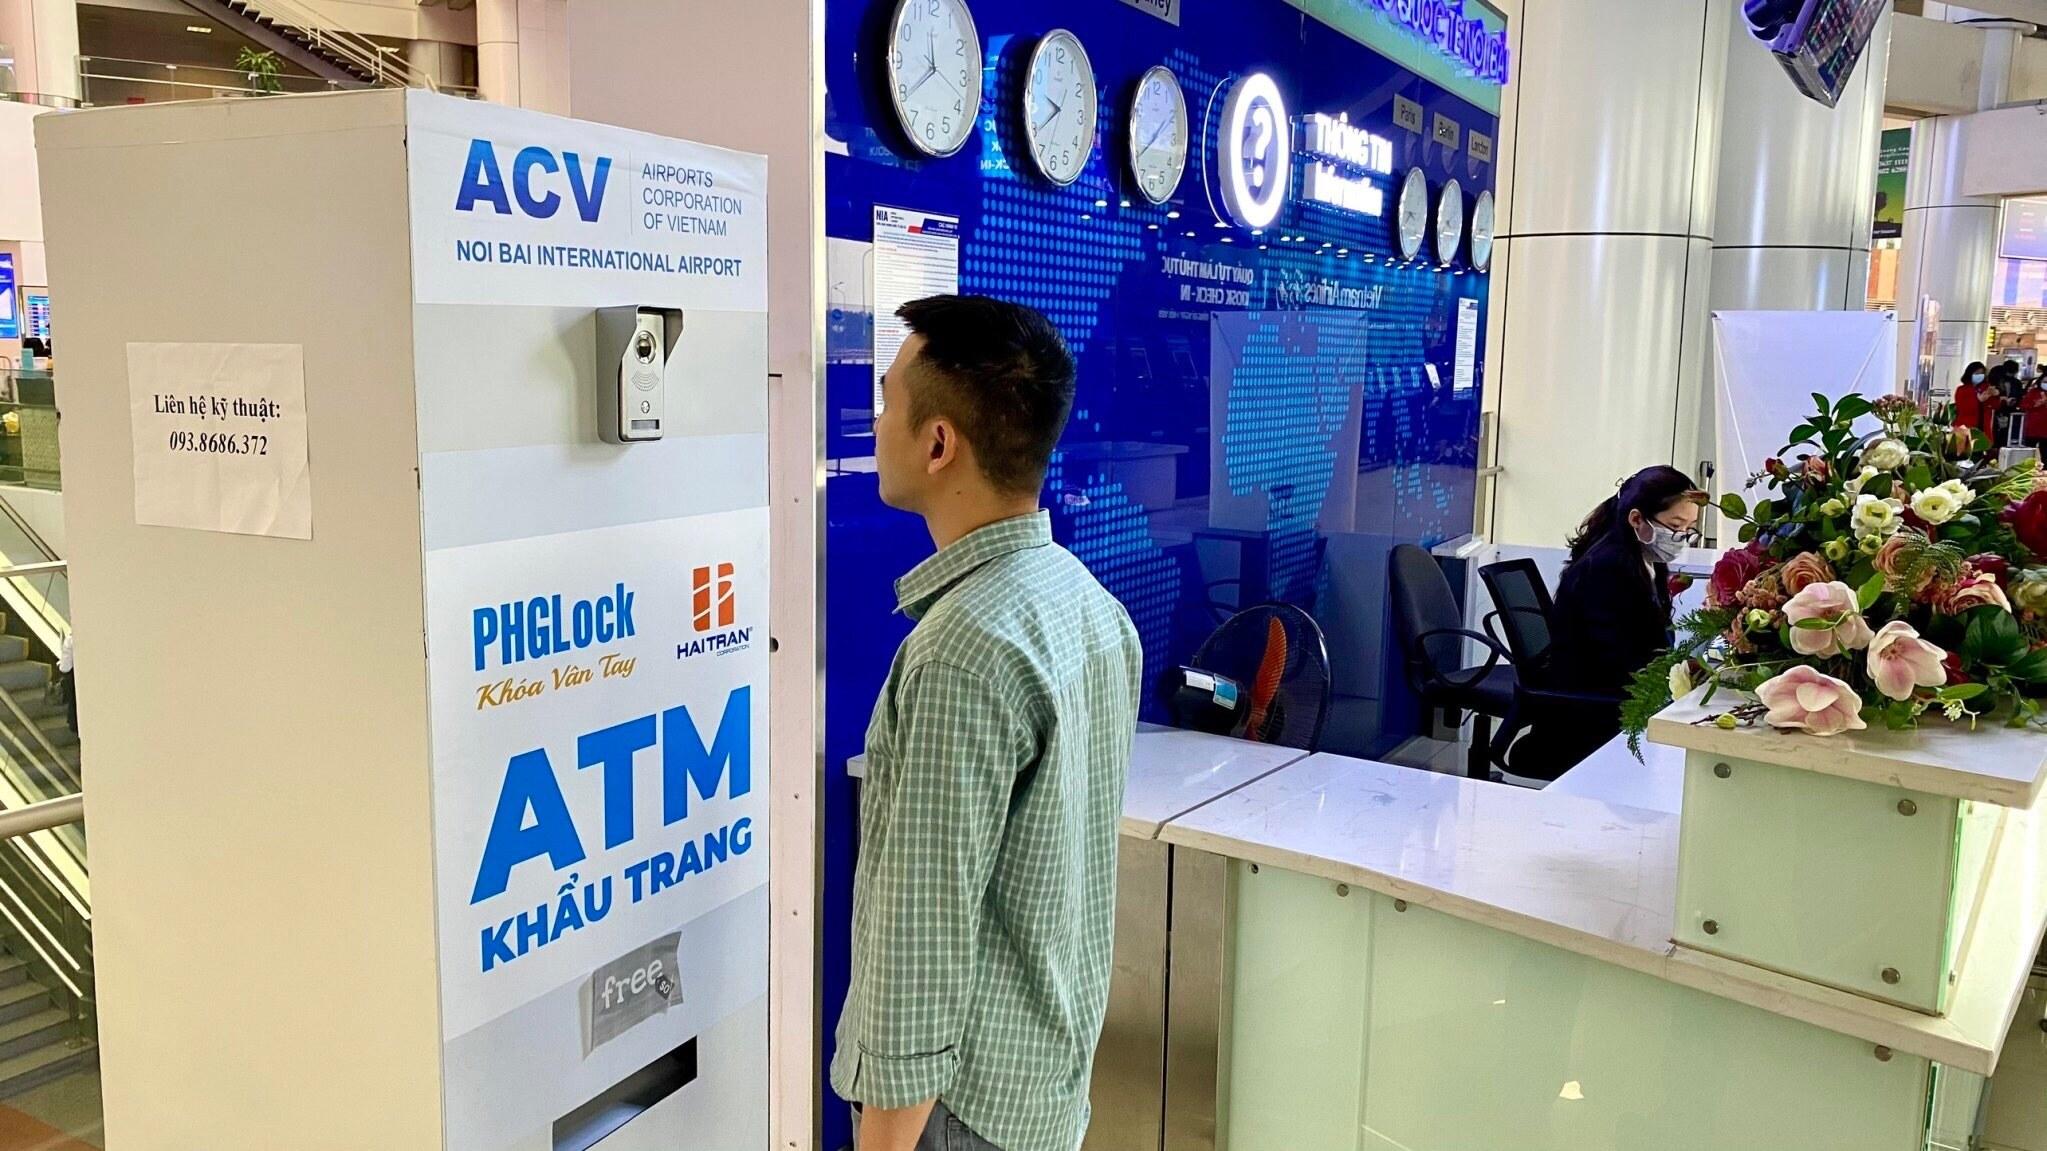 Cảng HKQT Nội Bài cũng bố trí 1 cây ATM khẩu trang ngay tại quầy thông tin để hành khách nếu cần khẩu trang có thể sử dụng miễn phí.